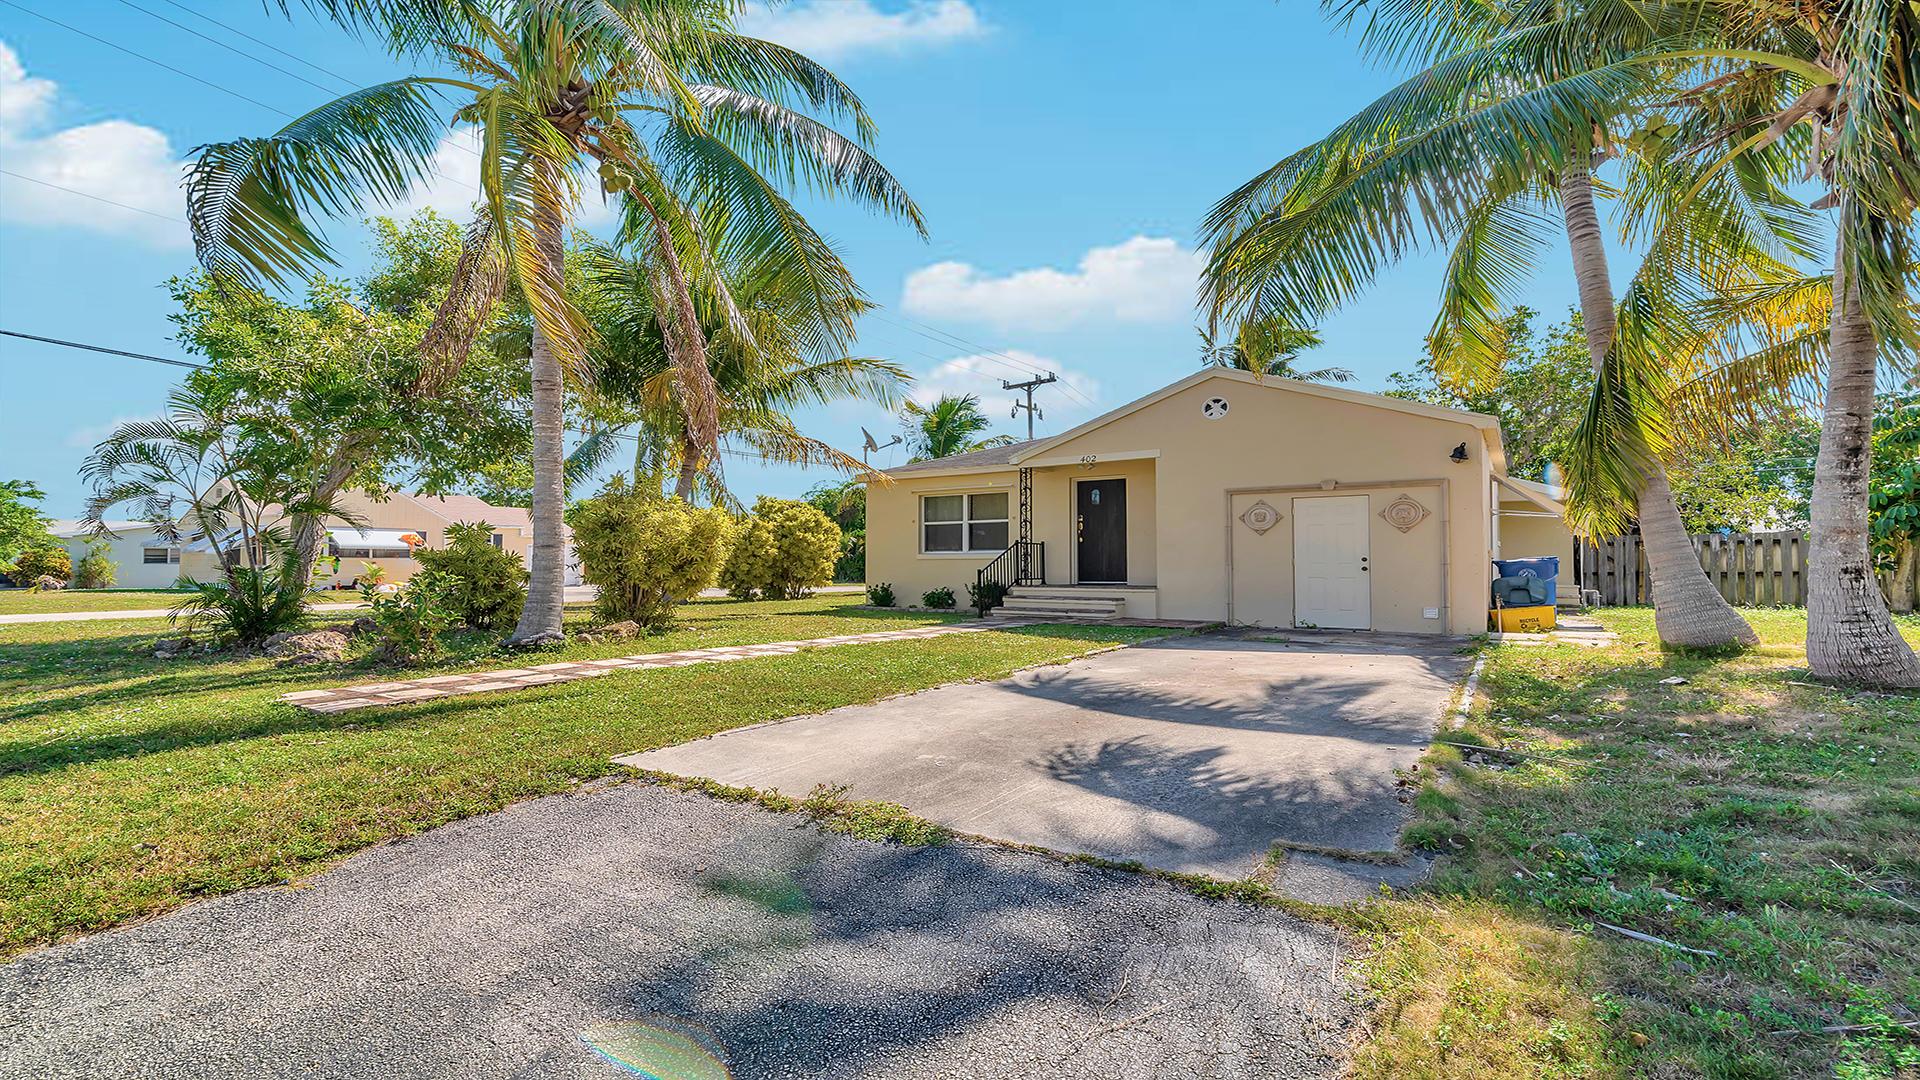 402 W Mango Street Lantana, FL 33462